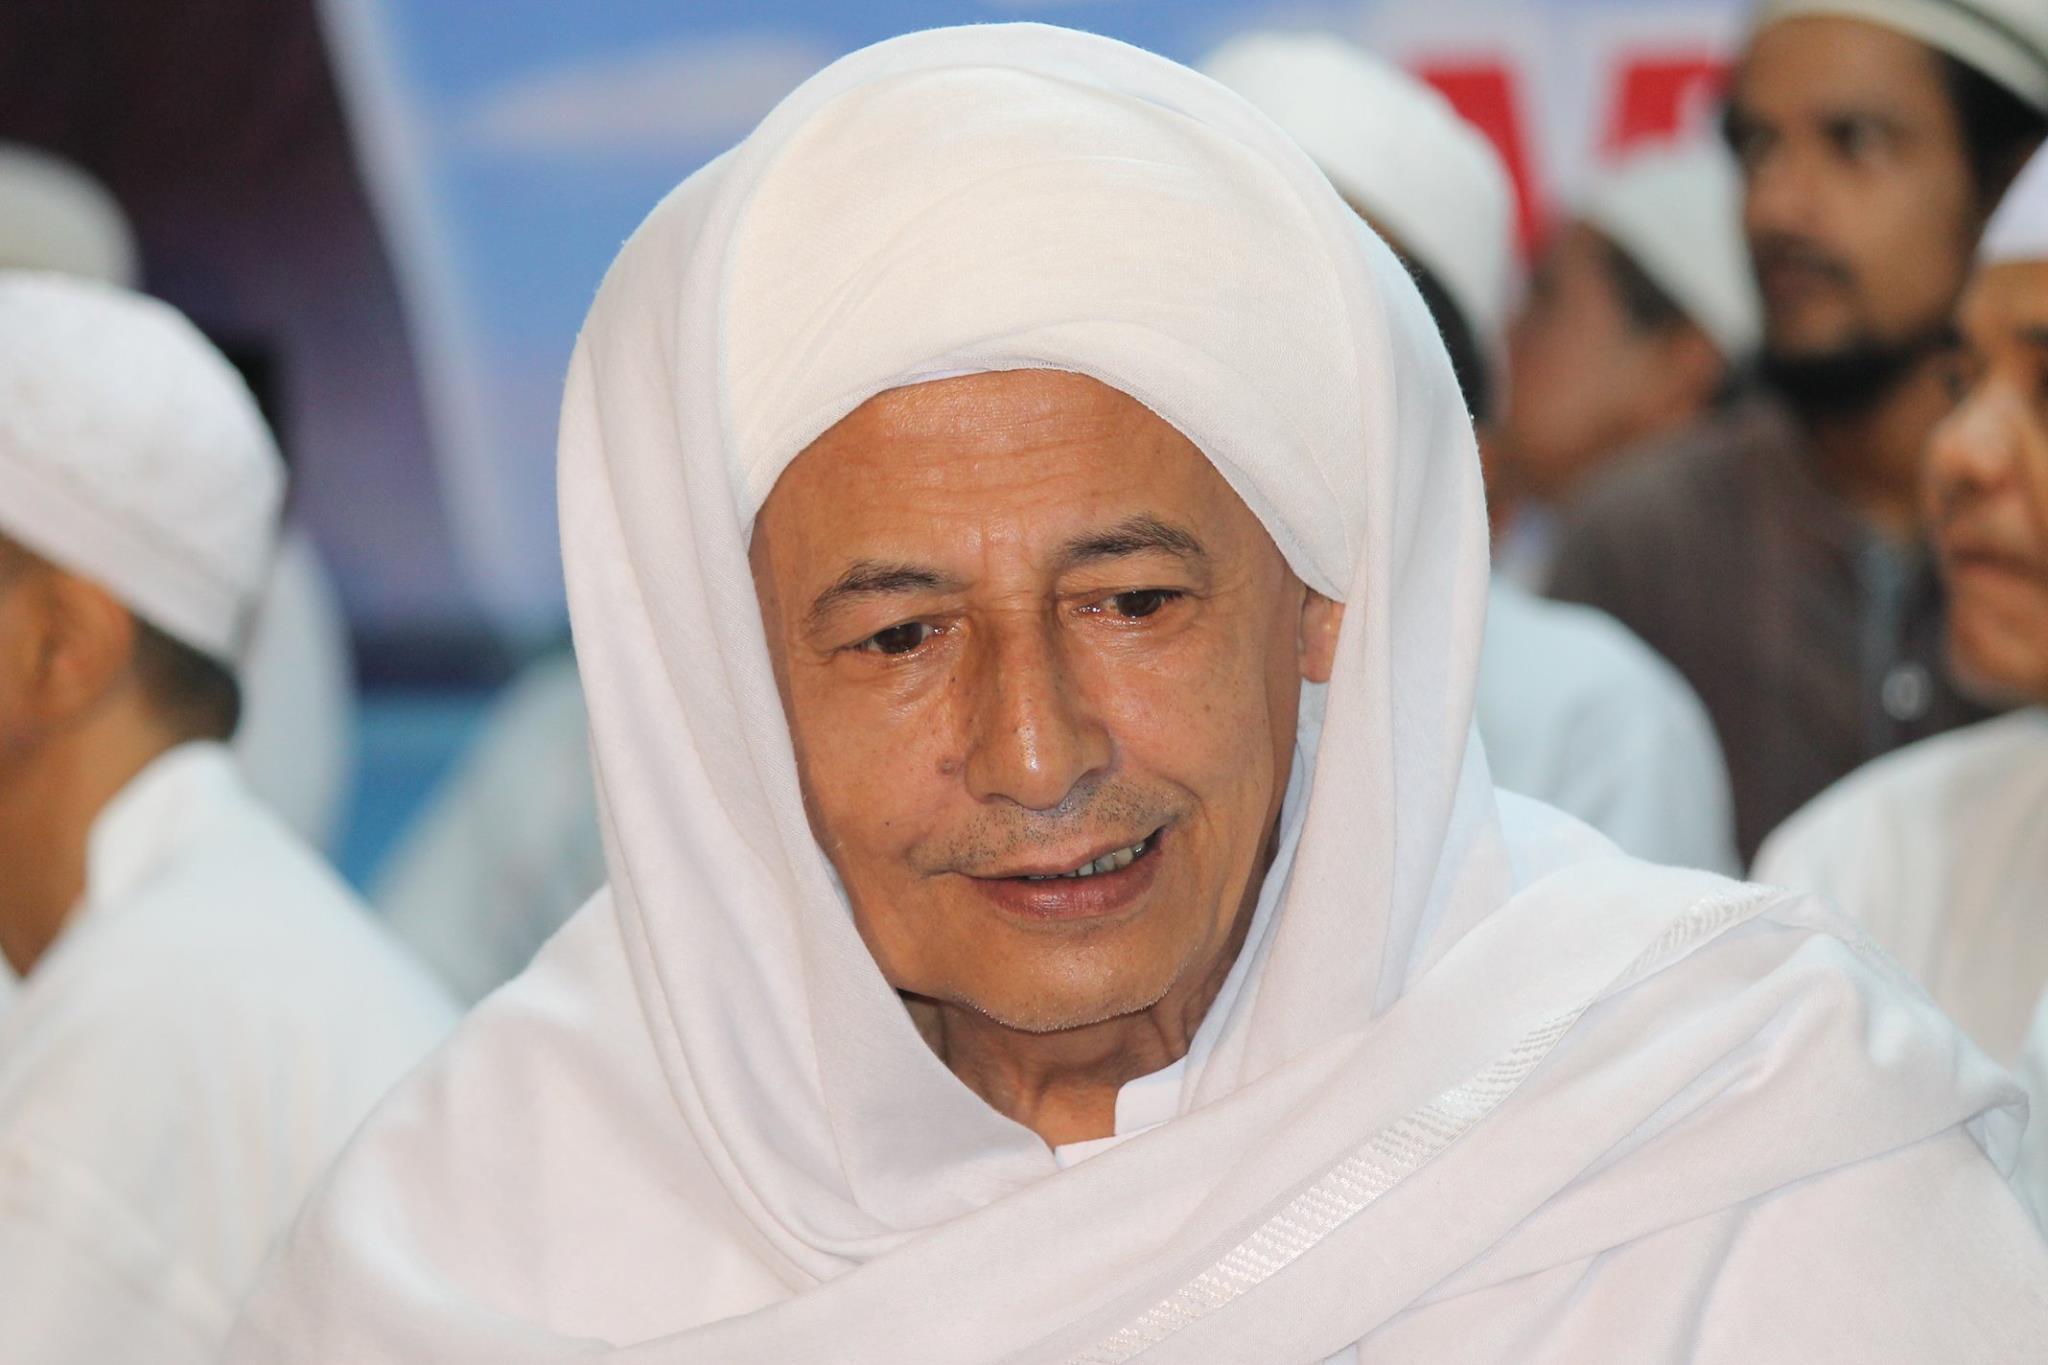 Habib Luthfi-Setelah Perayaan Agustus, Merah Putih Jangan Dilempar-IslamRamah.co